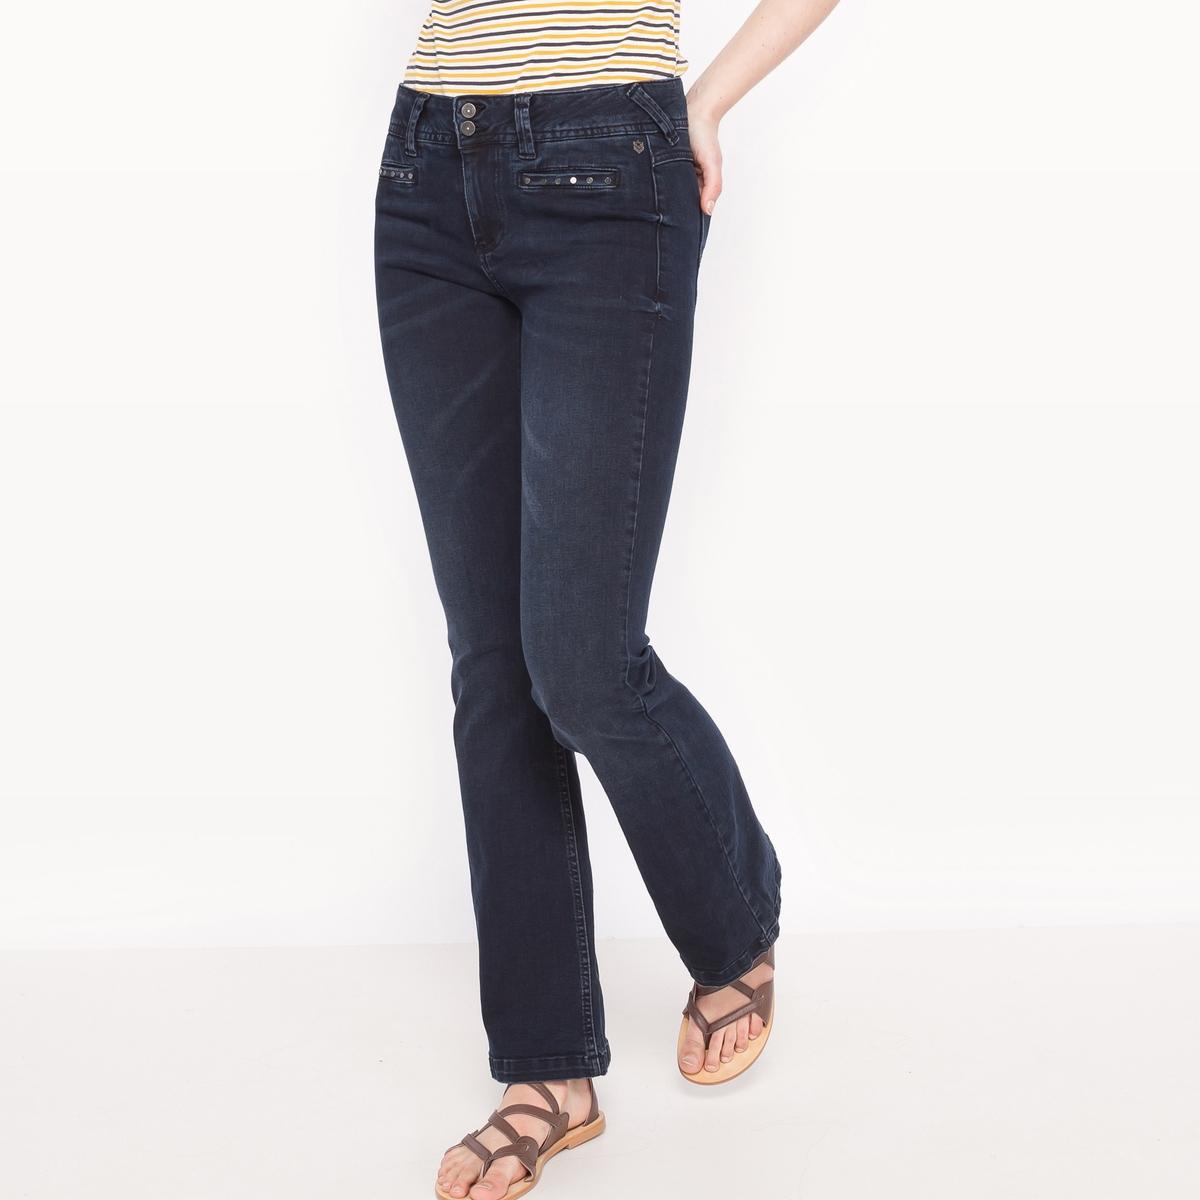 Джинсы буткат FAUSTINE, стандартная высота поясаМатериал : 98% хлопка, 2% эластана         Высота пояса : высокий пояс        Покрой джинсов : расклешенный, сильно расширяющийся к низу        Длина джинсов : длина 32<br><br>Цвет: темно-синий<br>Размер: 27 длина 32